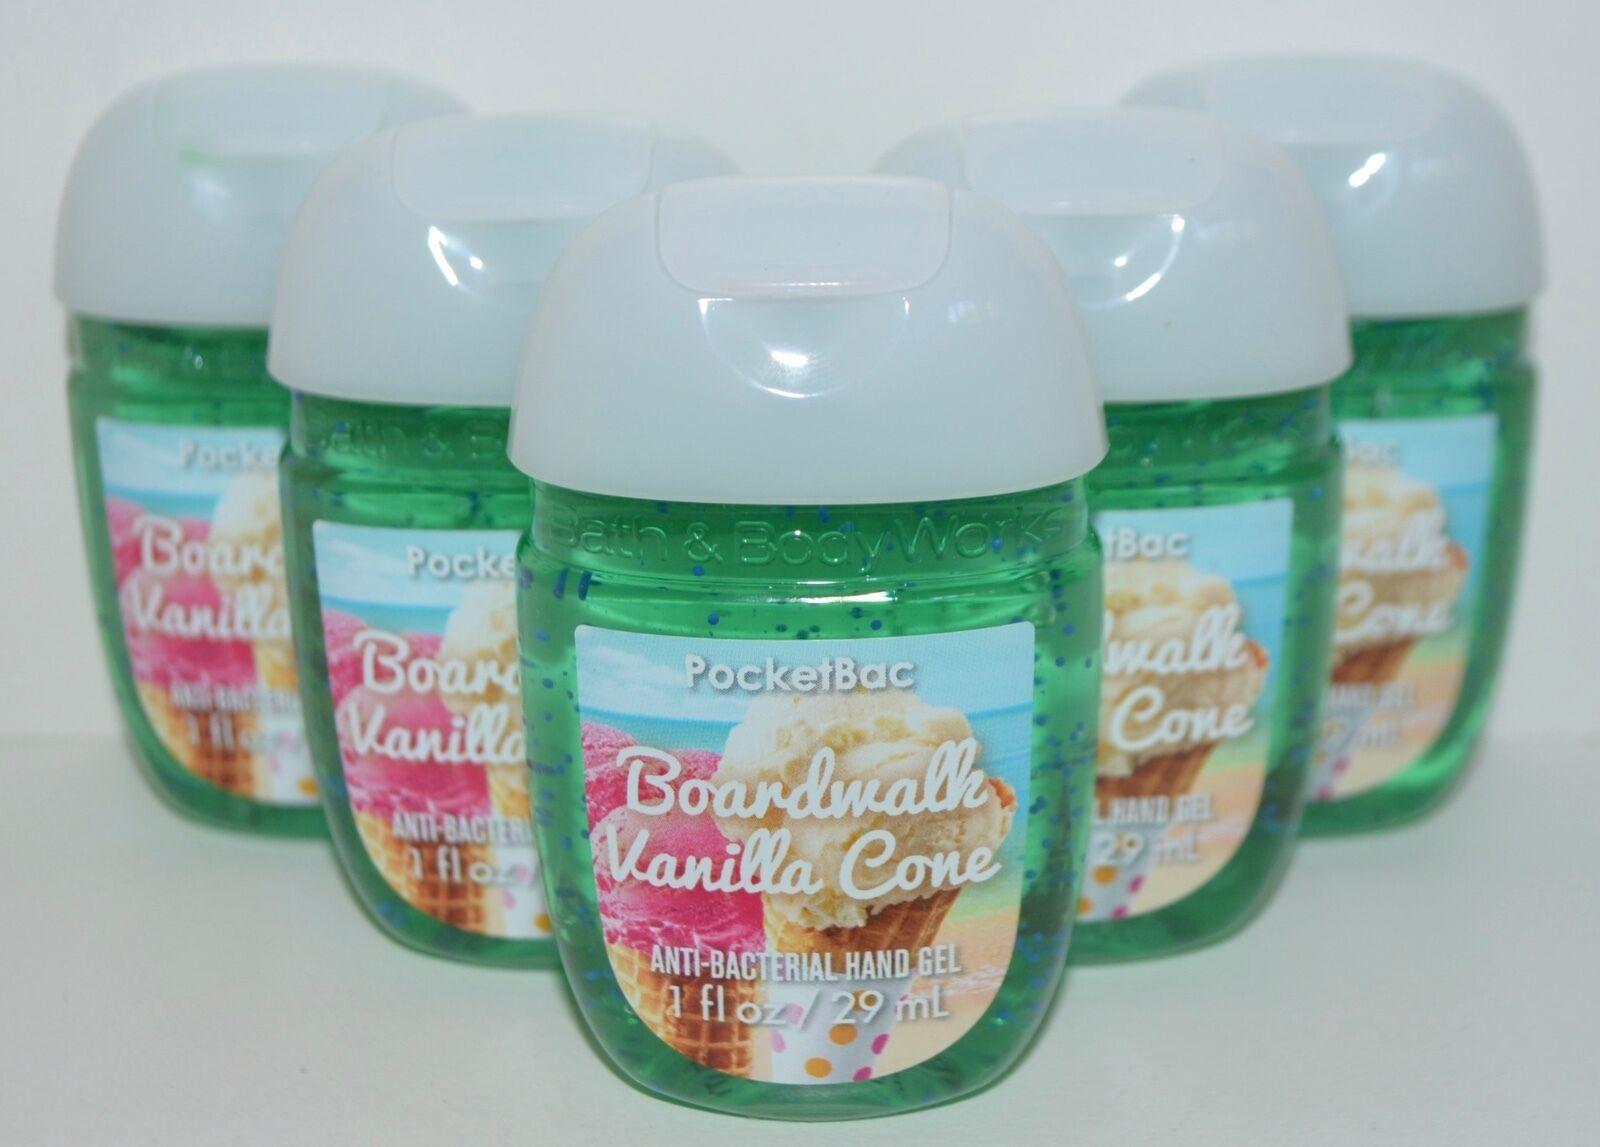 5 BATH & BODY WORKS BOARDWALK VANILLA CONE POCKETBAC ANTI BA